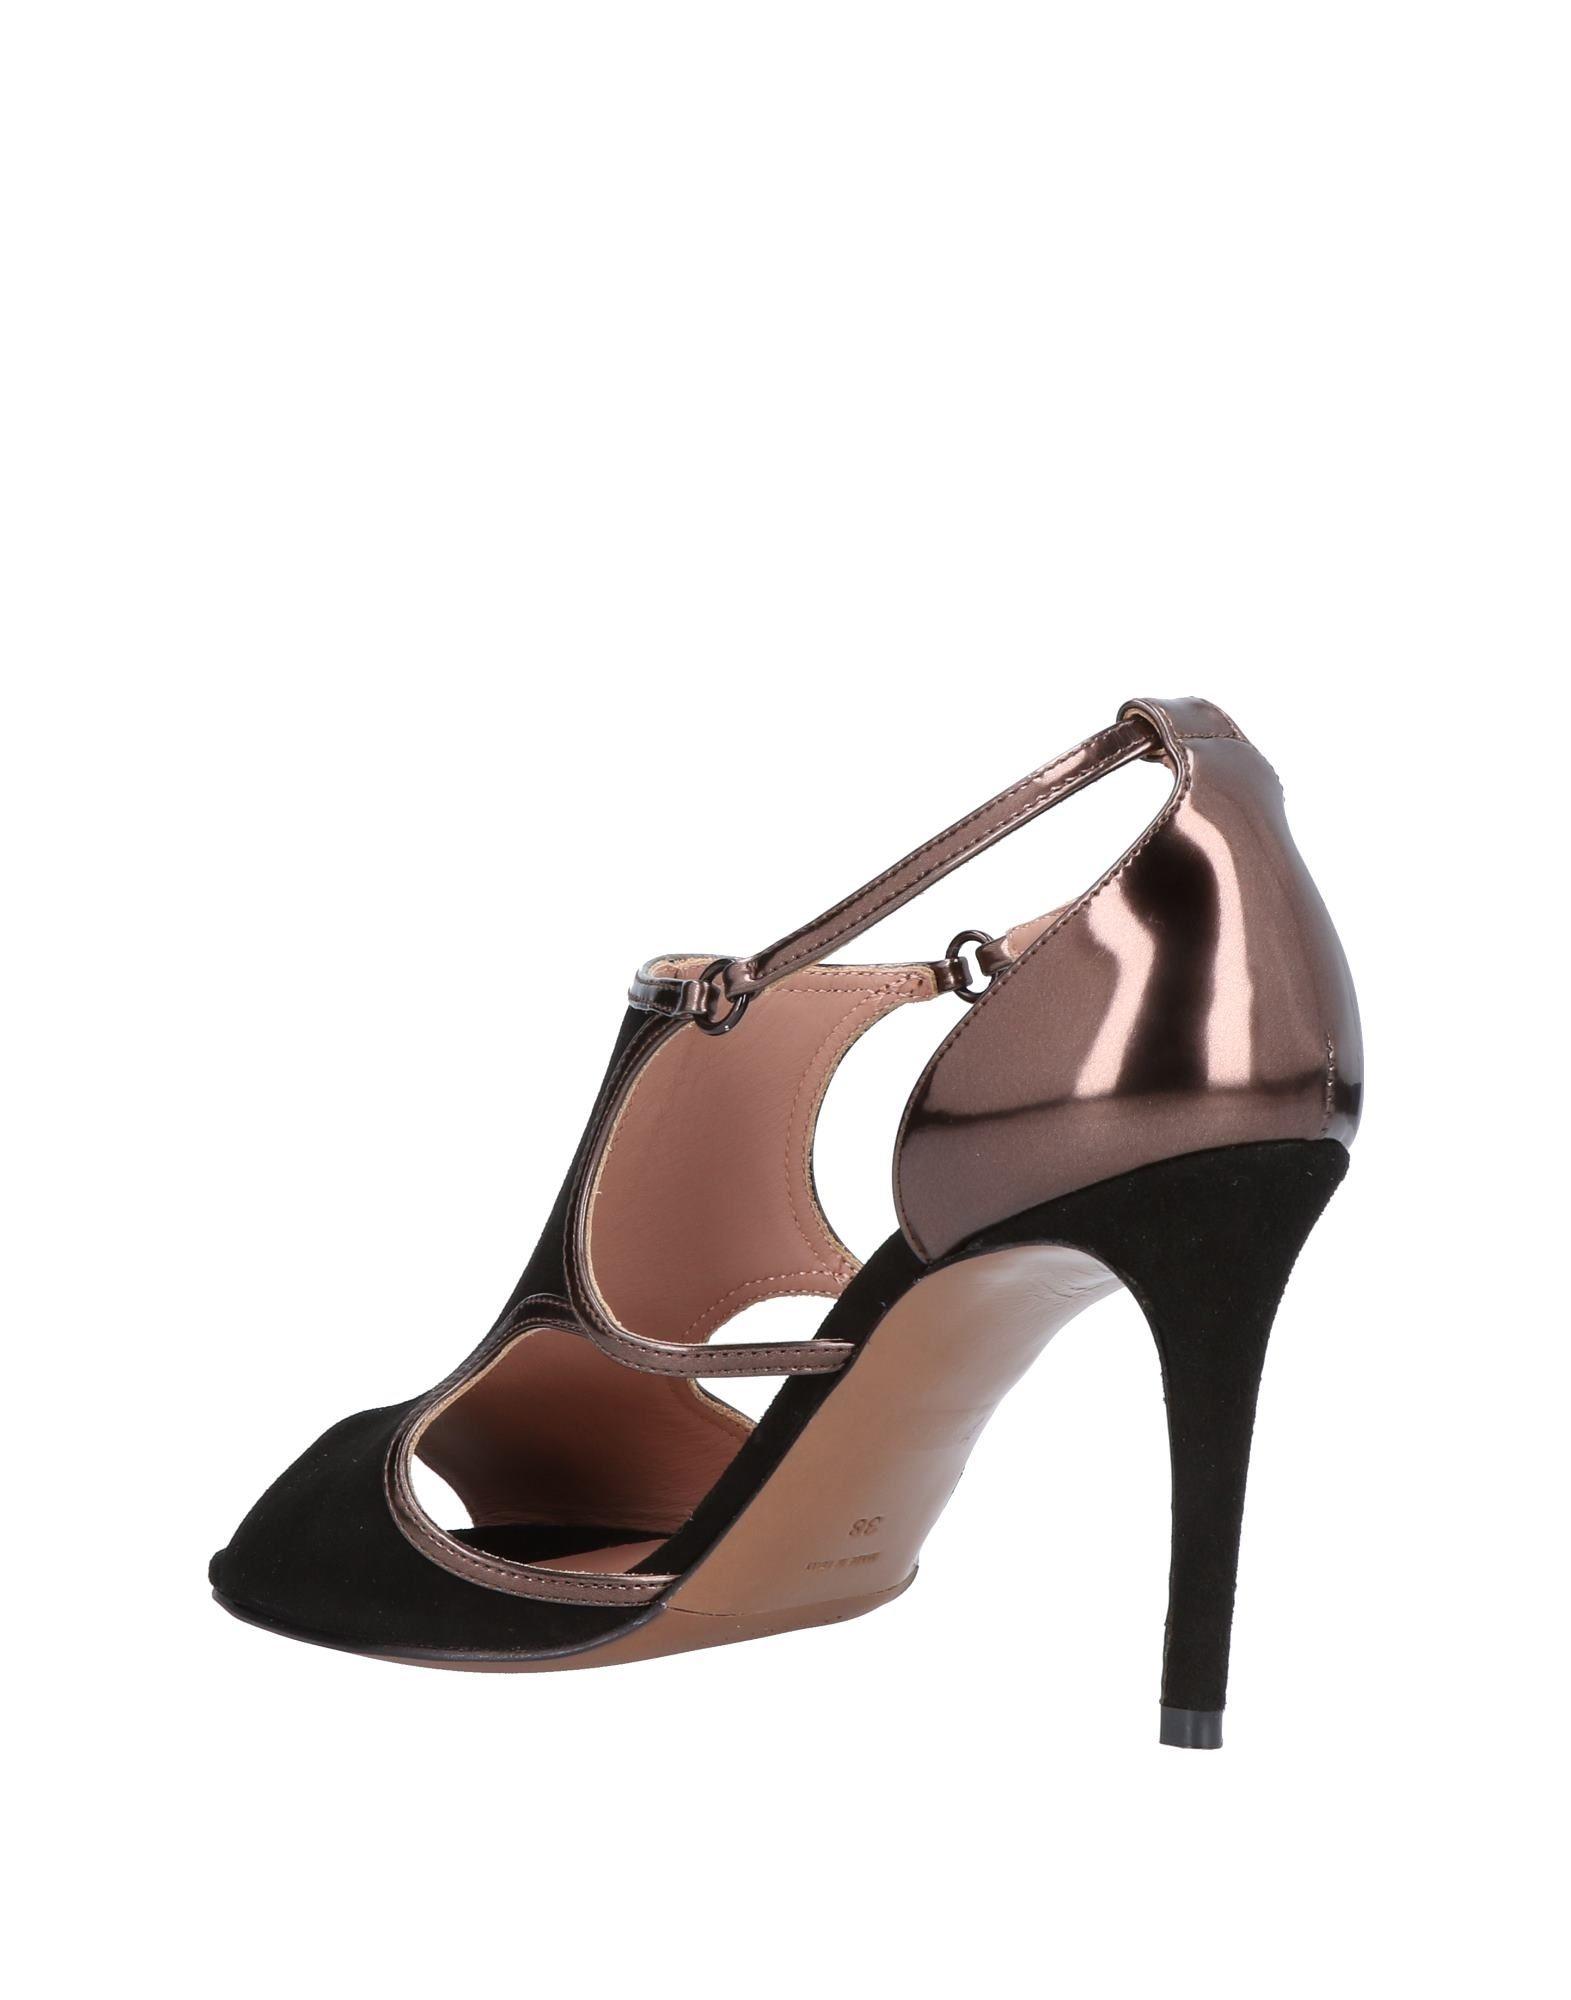 L' Autre  Chose Sandalen Damen  Autre 11487692RW Neue Schuhe 9e5f29